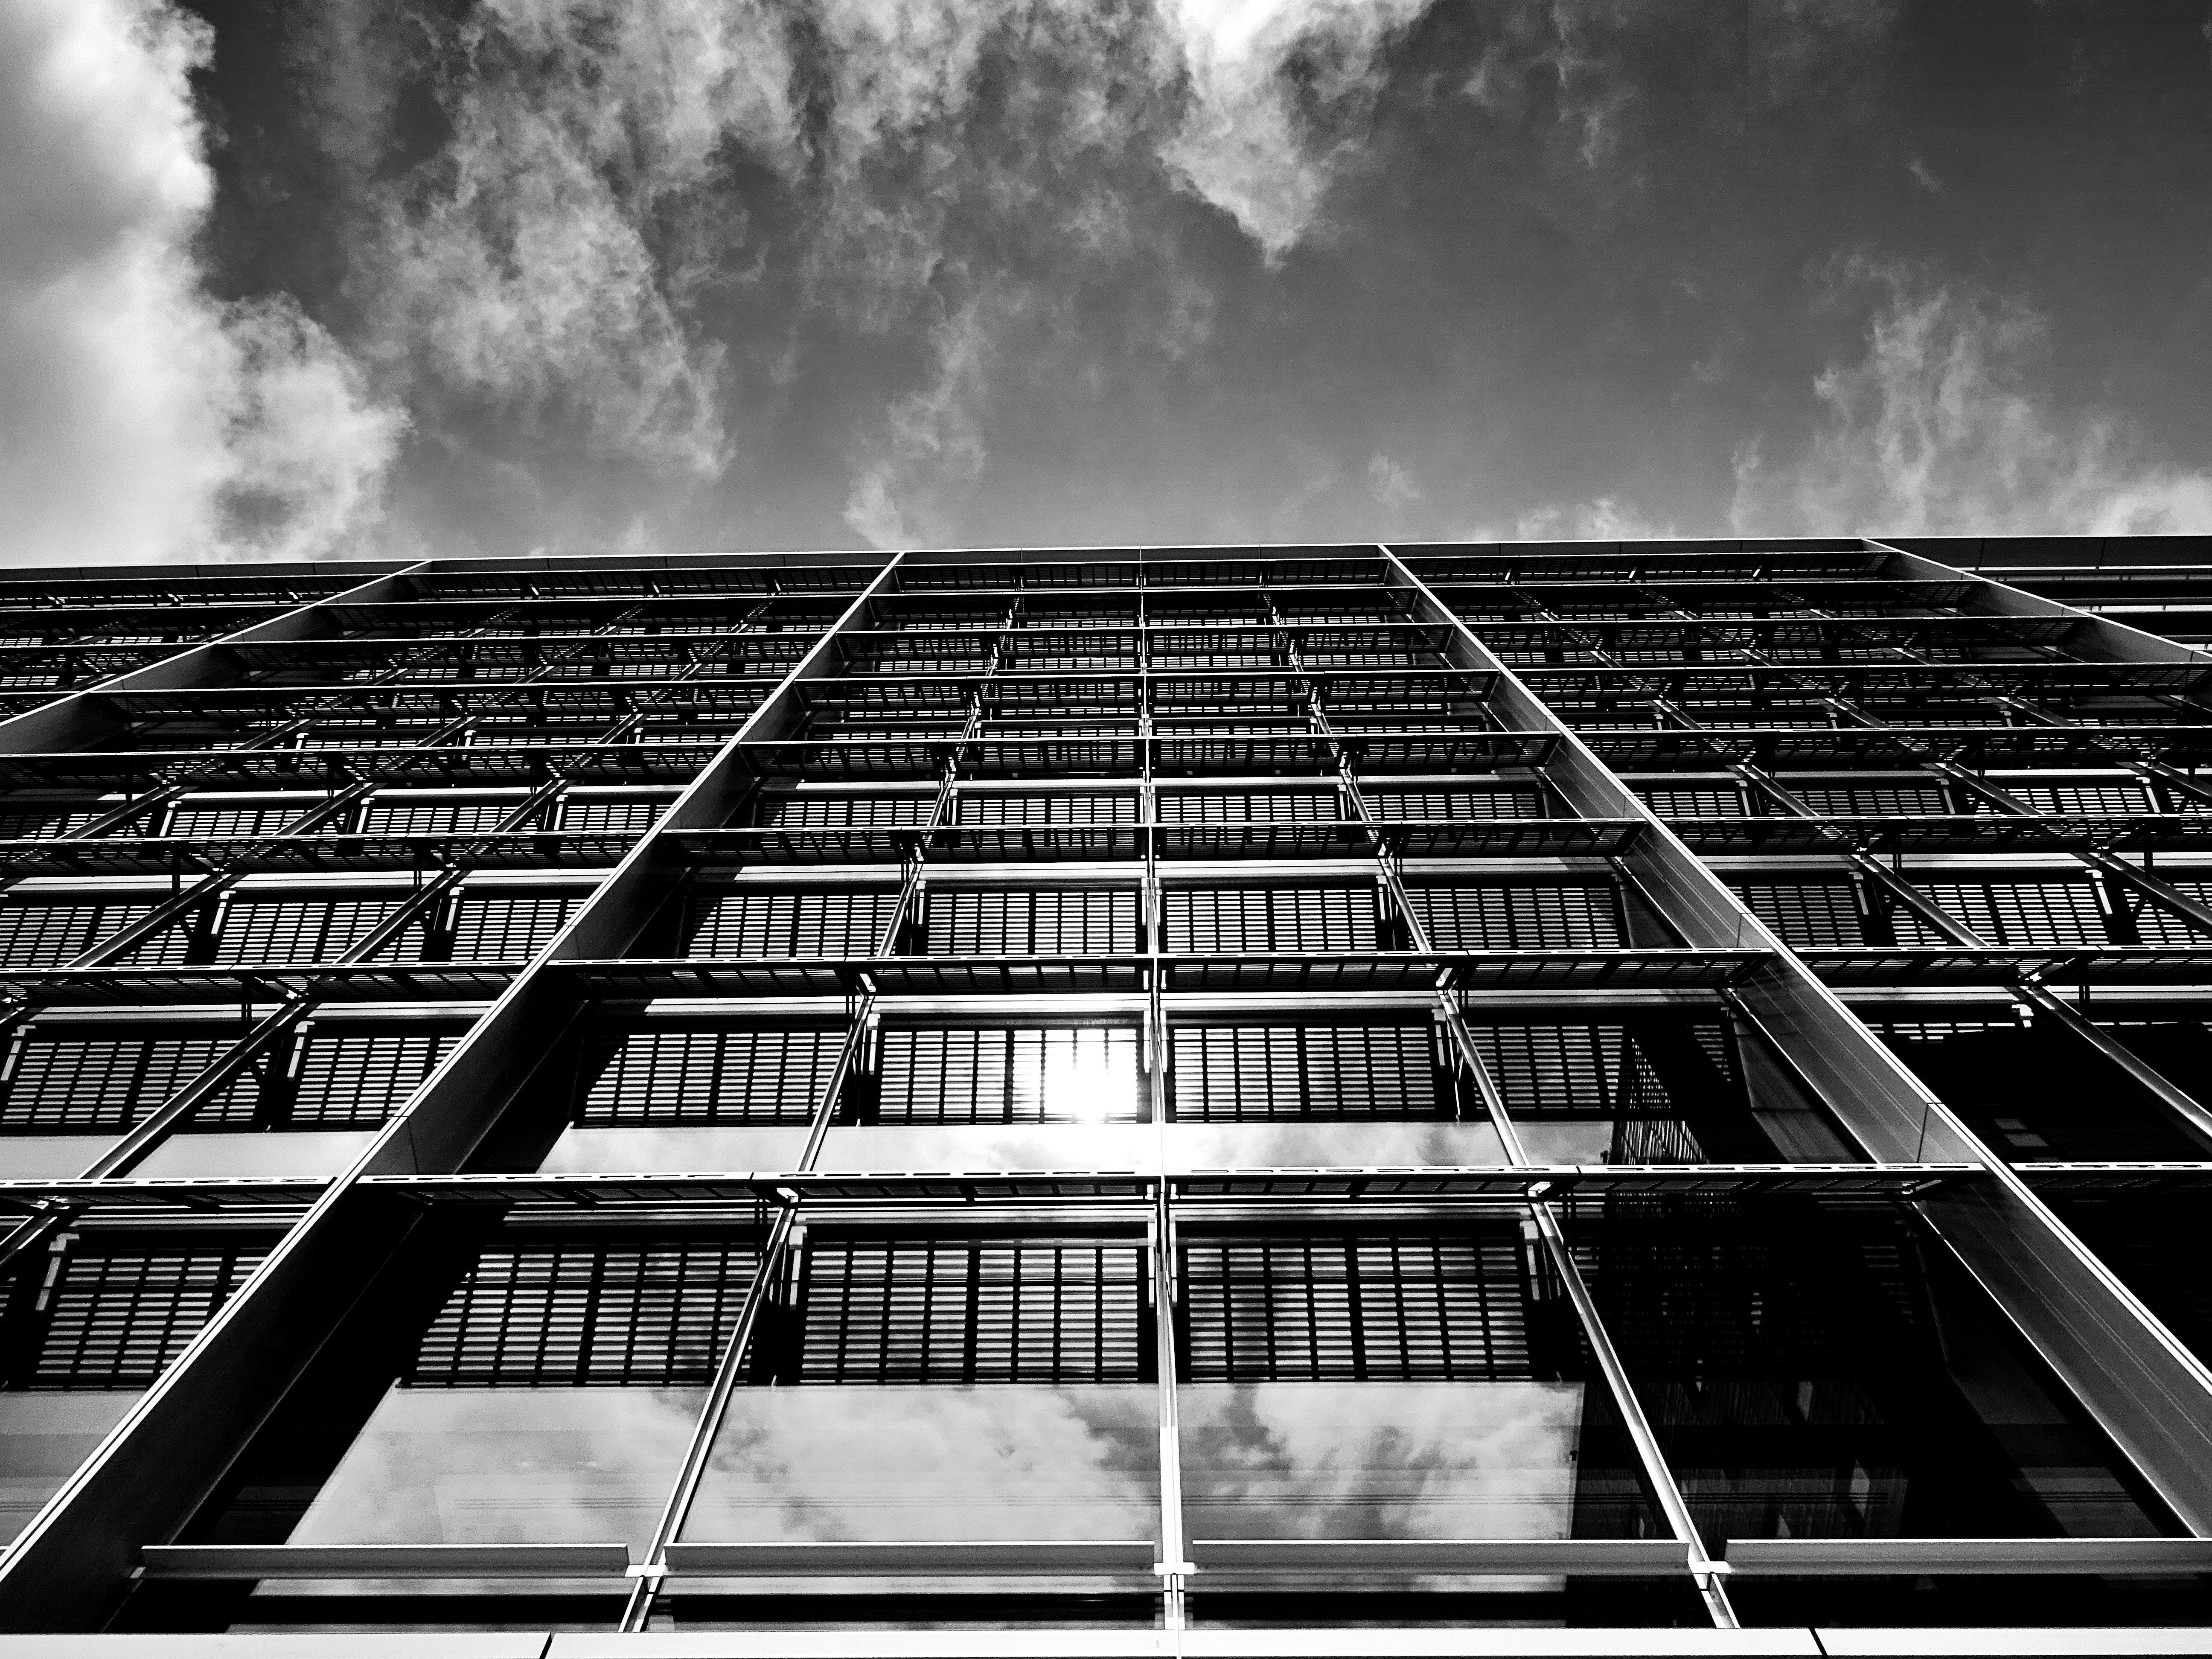 Základová fotografie zdarma na téma architektura, budova, černobílá, futuristický